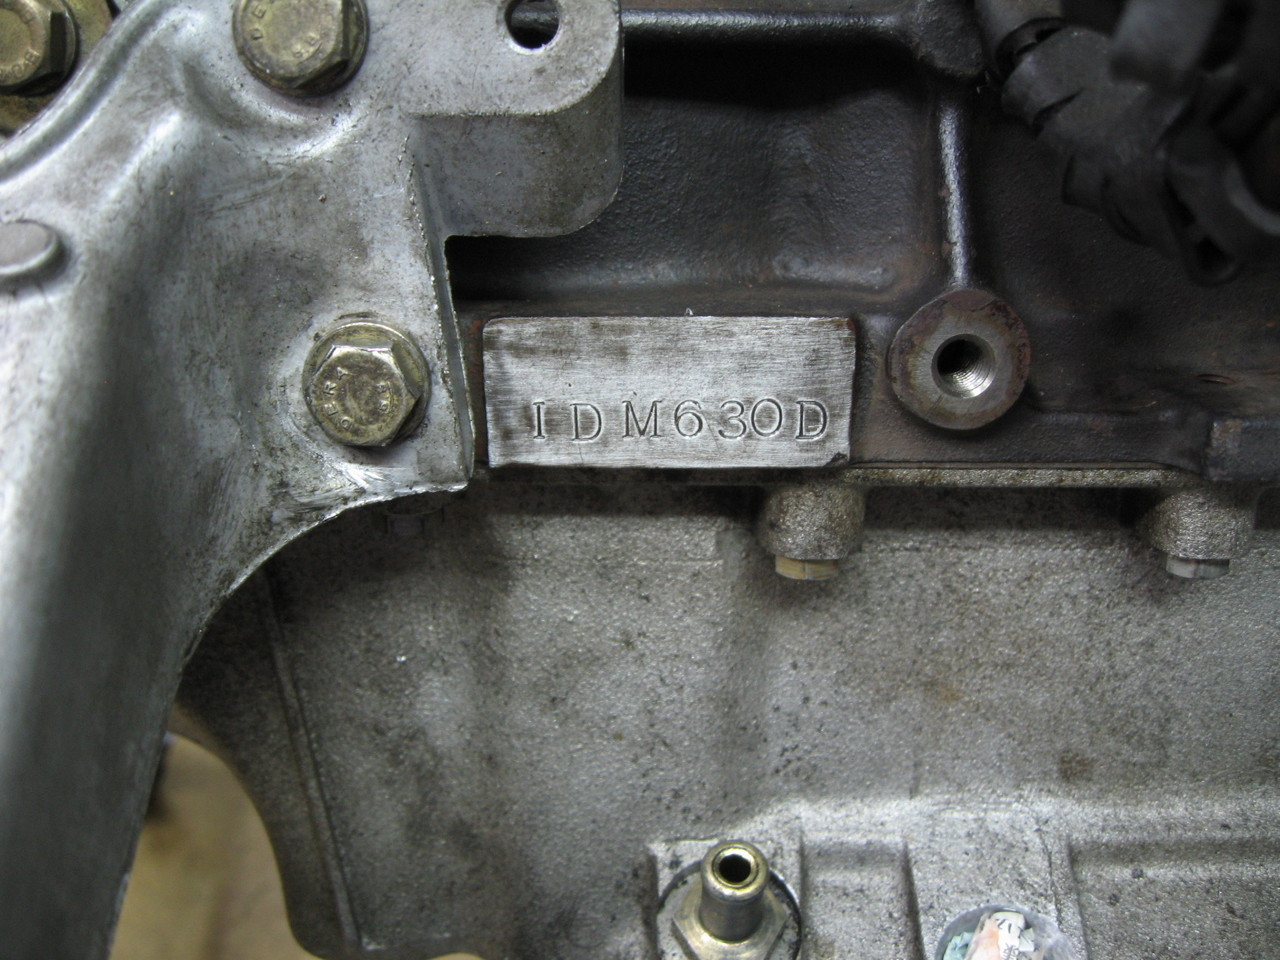 エンジン型式 : IDM630D